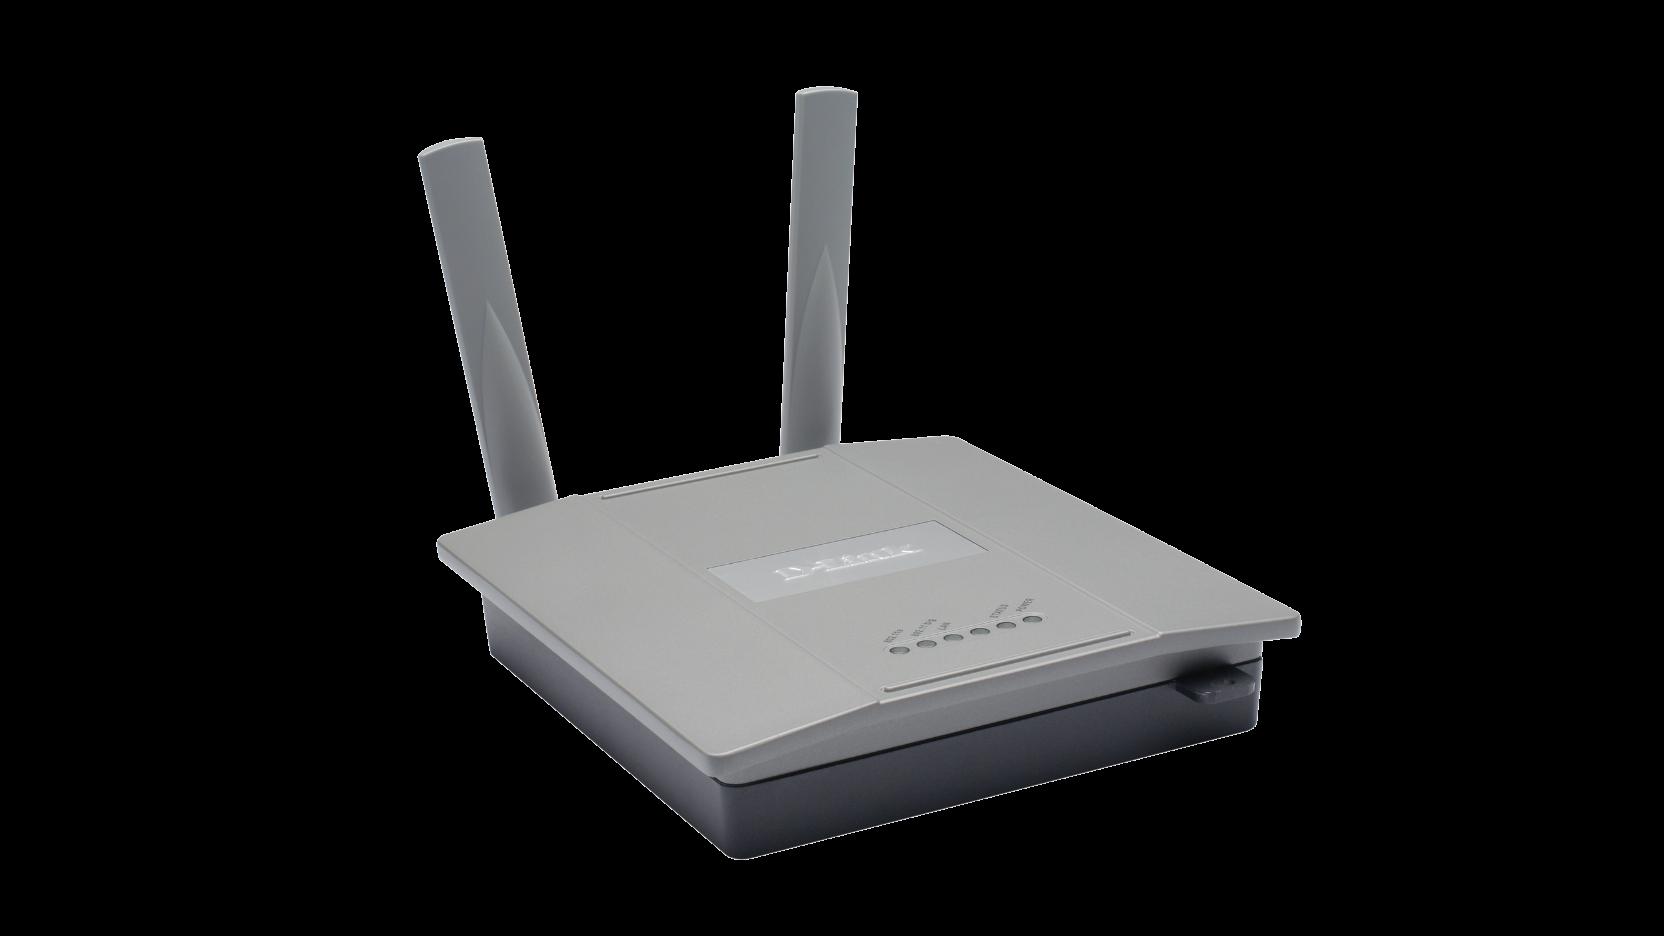 D-Link DWL-520D 64Bit